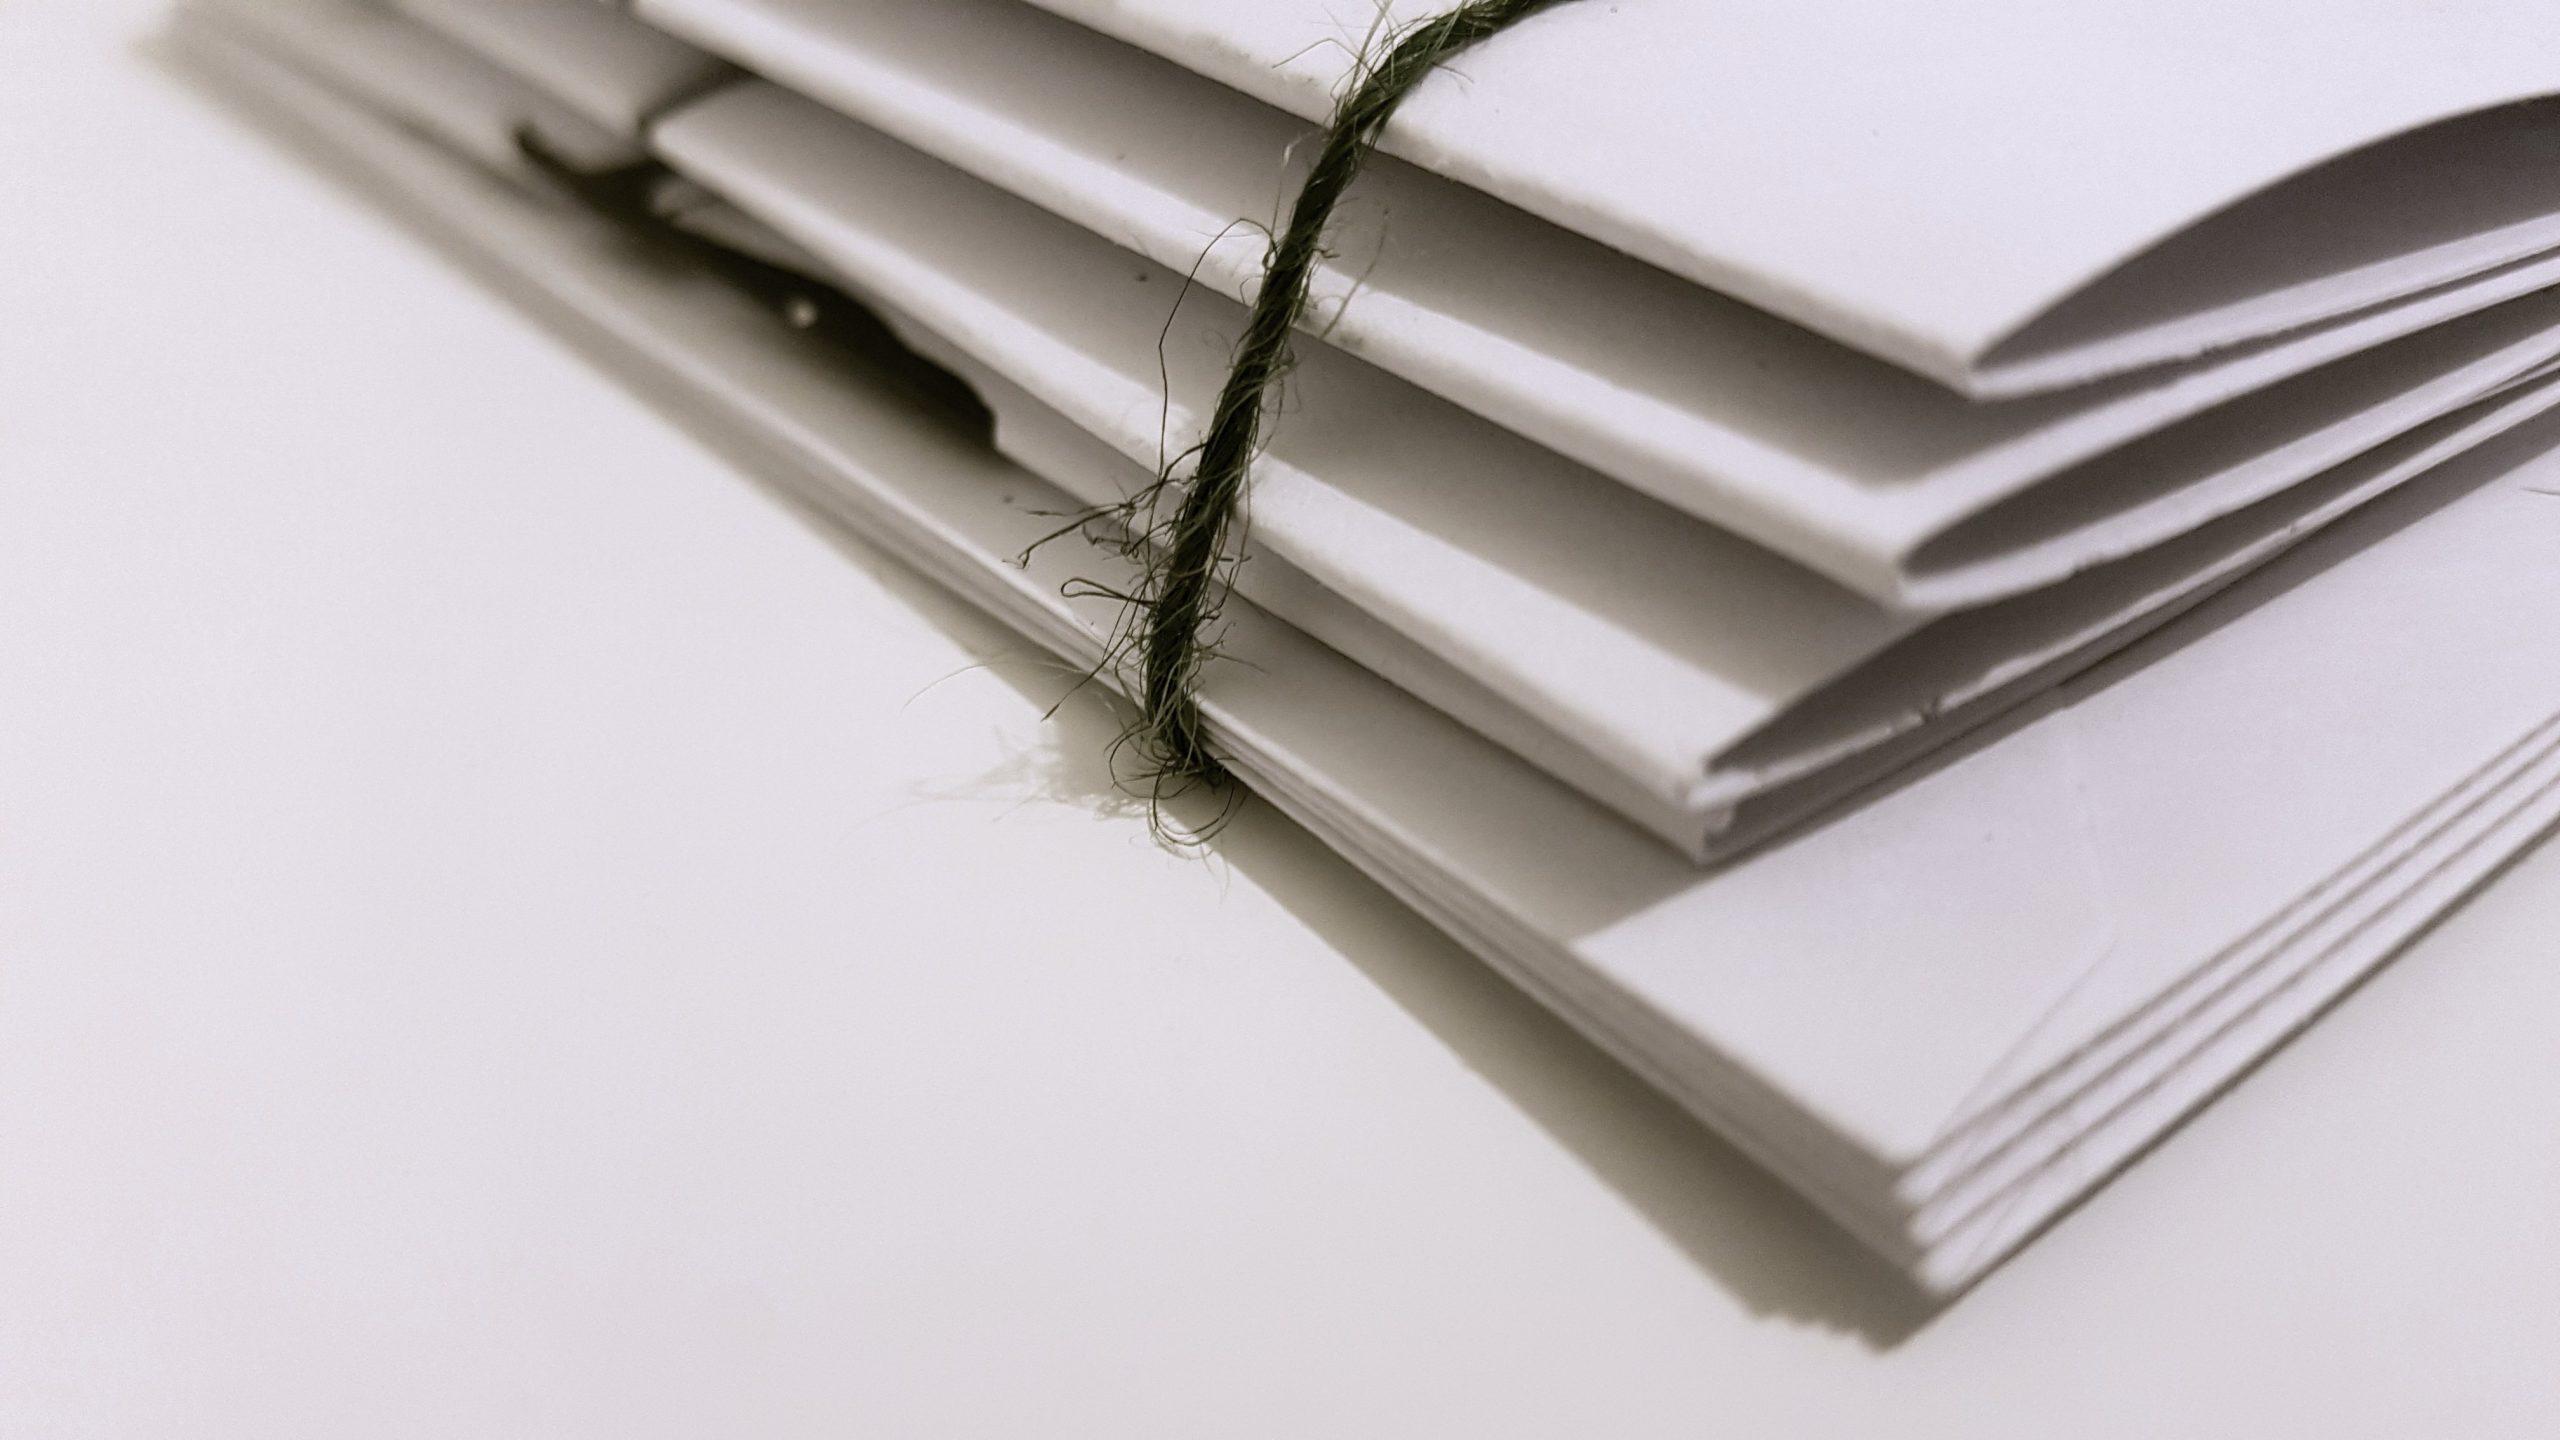 #Dergi1- Monograf Dergisi Neler Yapıyor